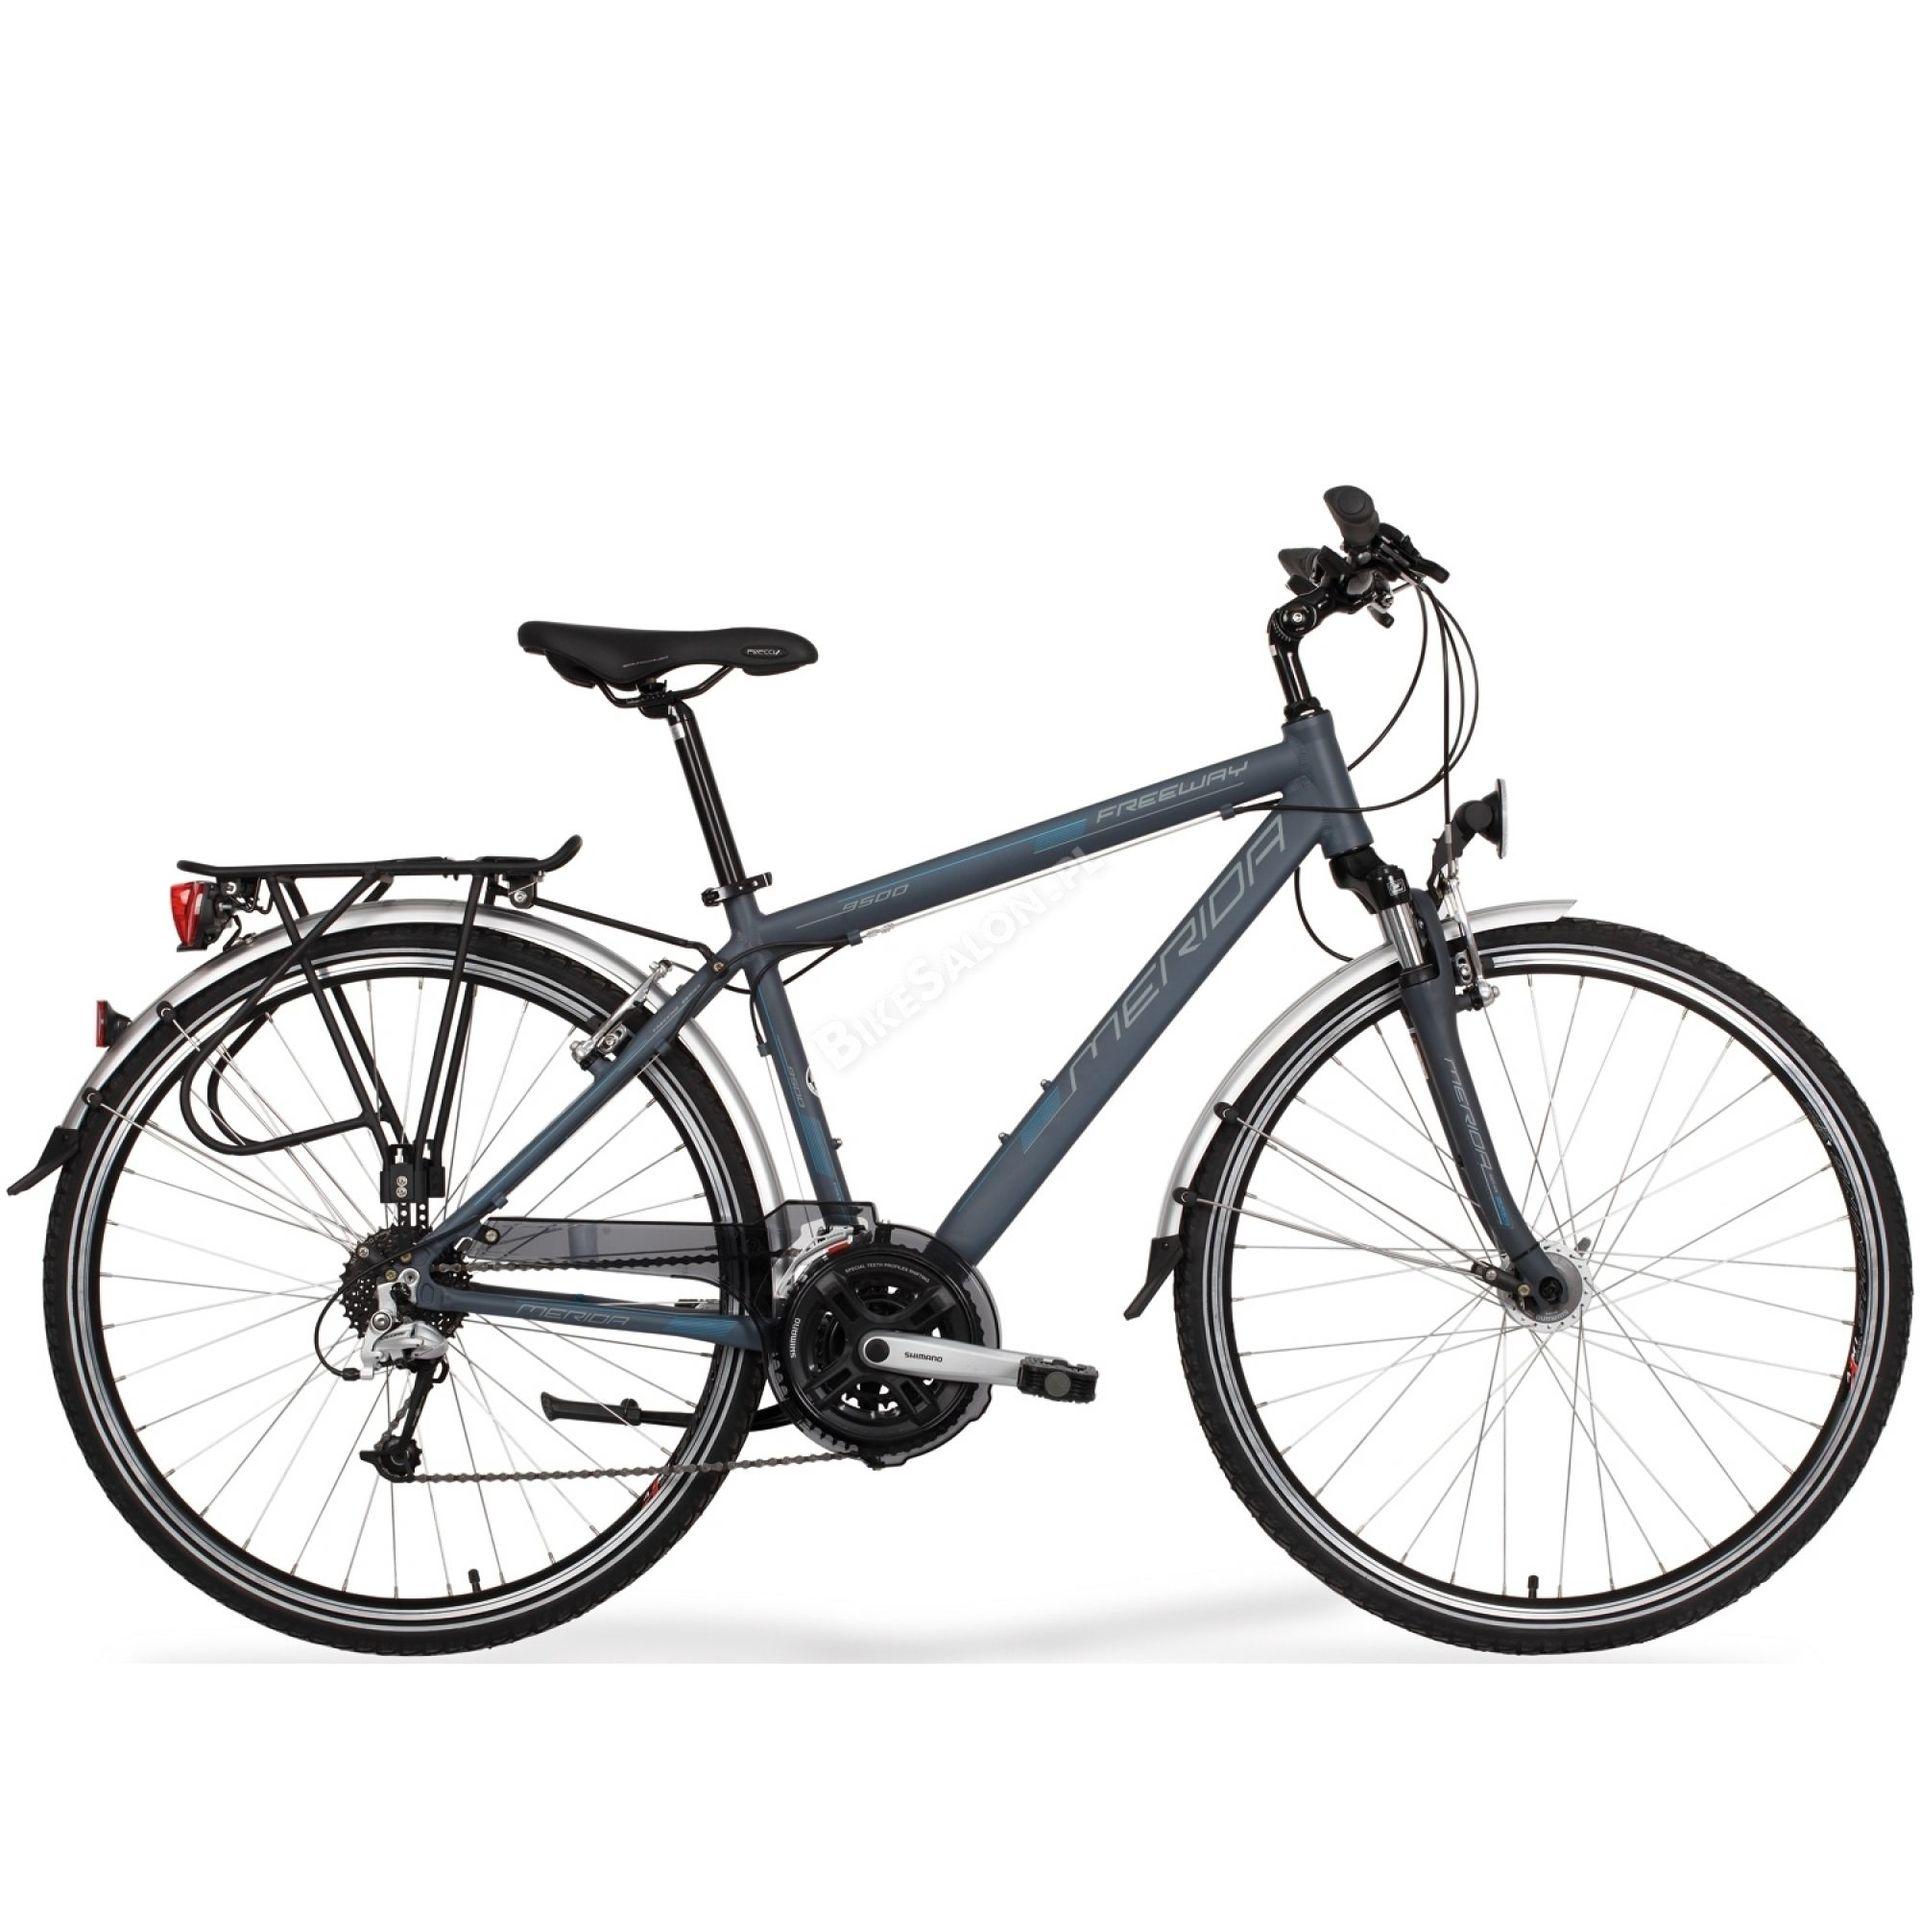 Rower Merida Freeway 9500 satynowy stalowy